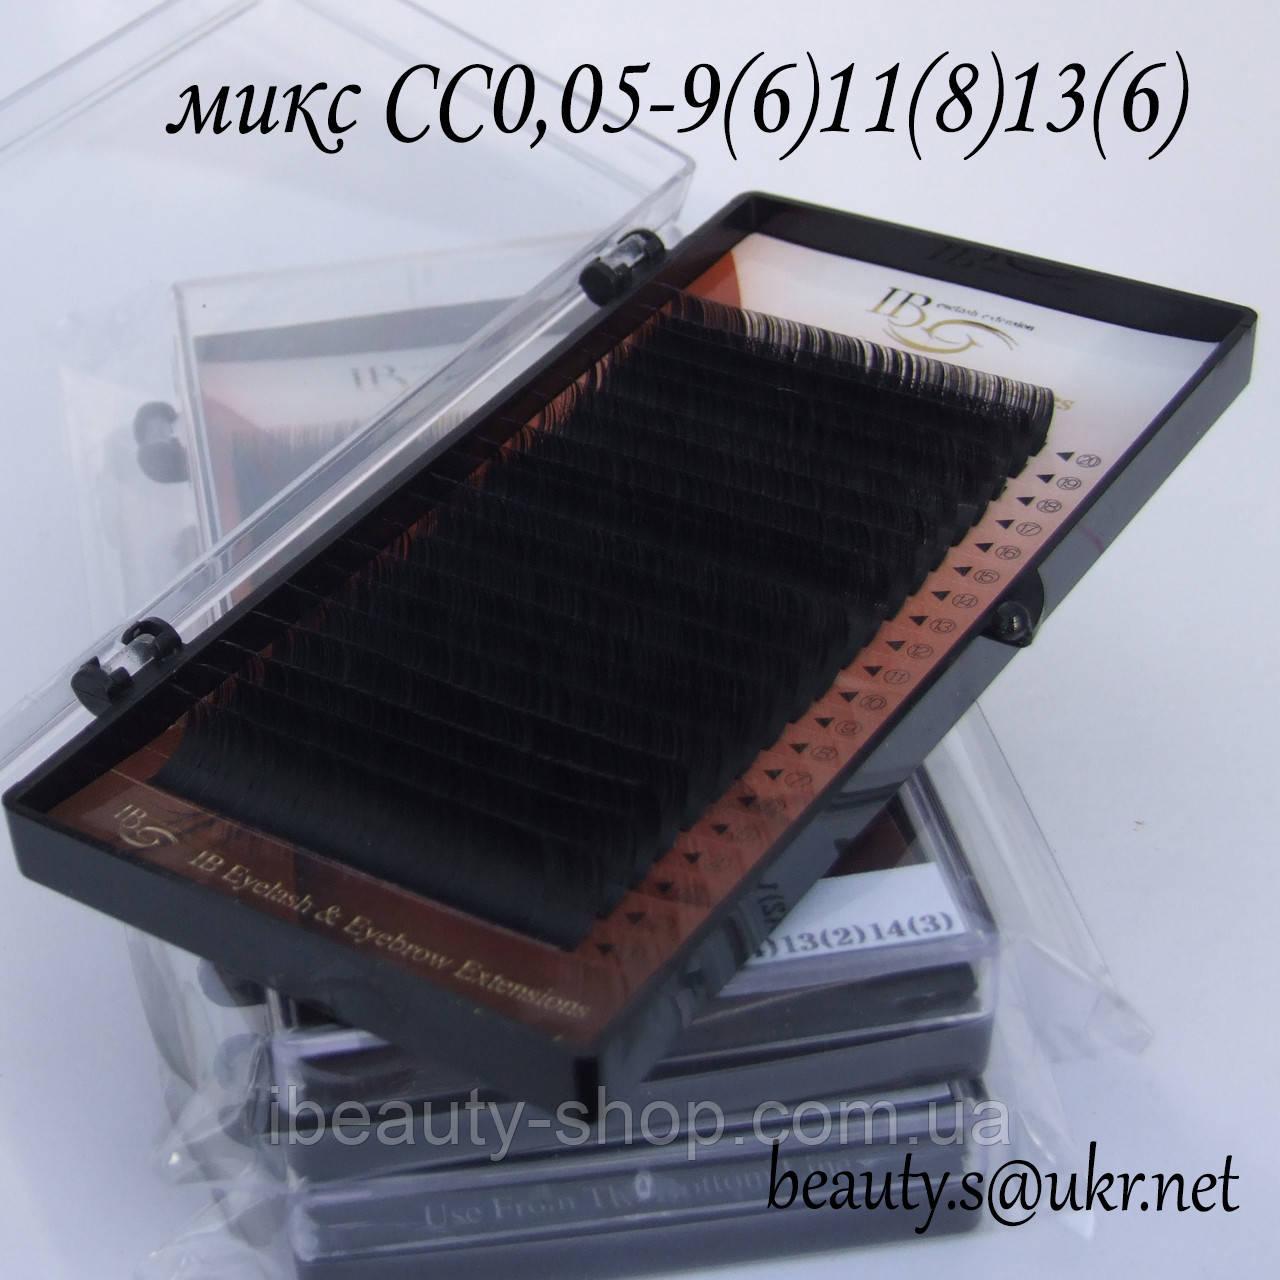 Ресницы I-Beauty микс СС-0,05 9-11-13мм